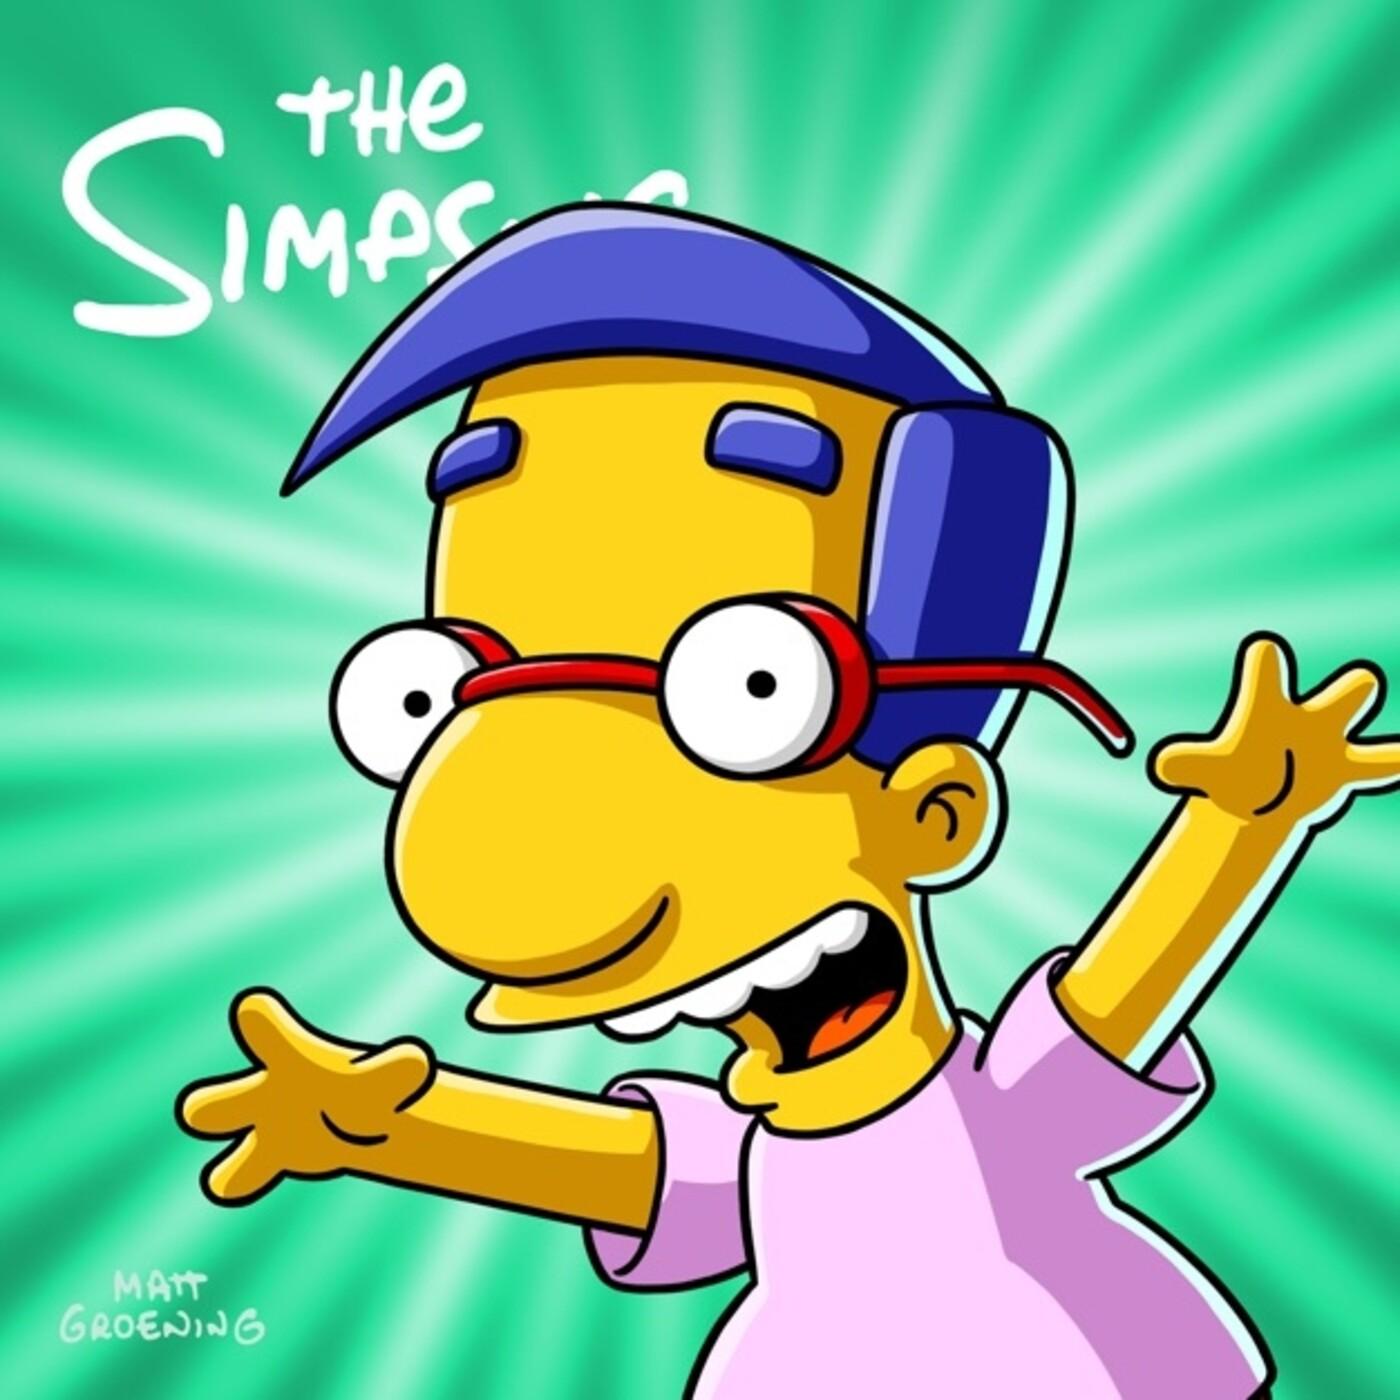 Los Simpson T 19 ep. 1 y 2 (2009) #Animación #Comedia #Familia #peliculas #audesc #podcast